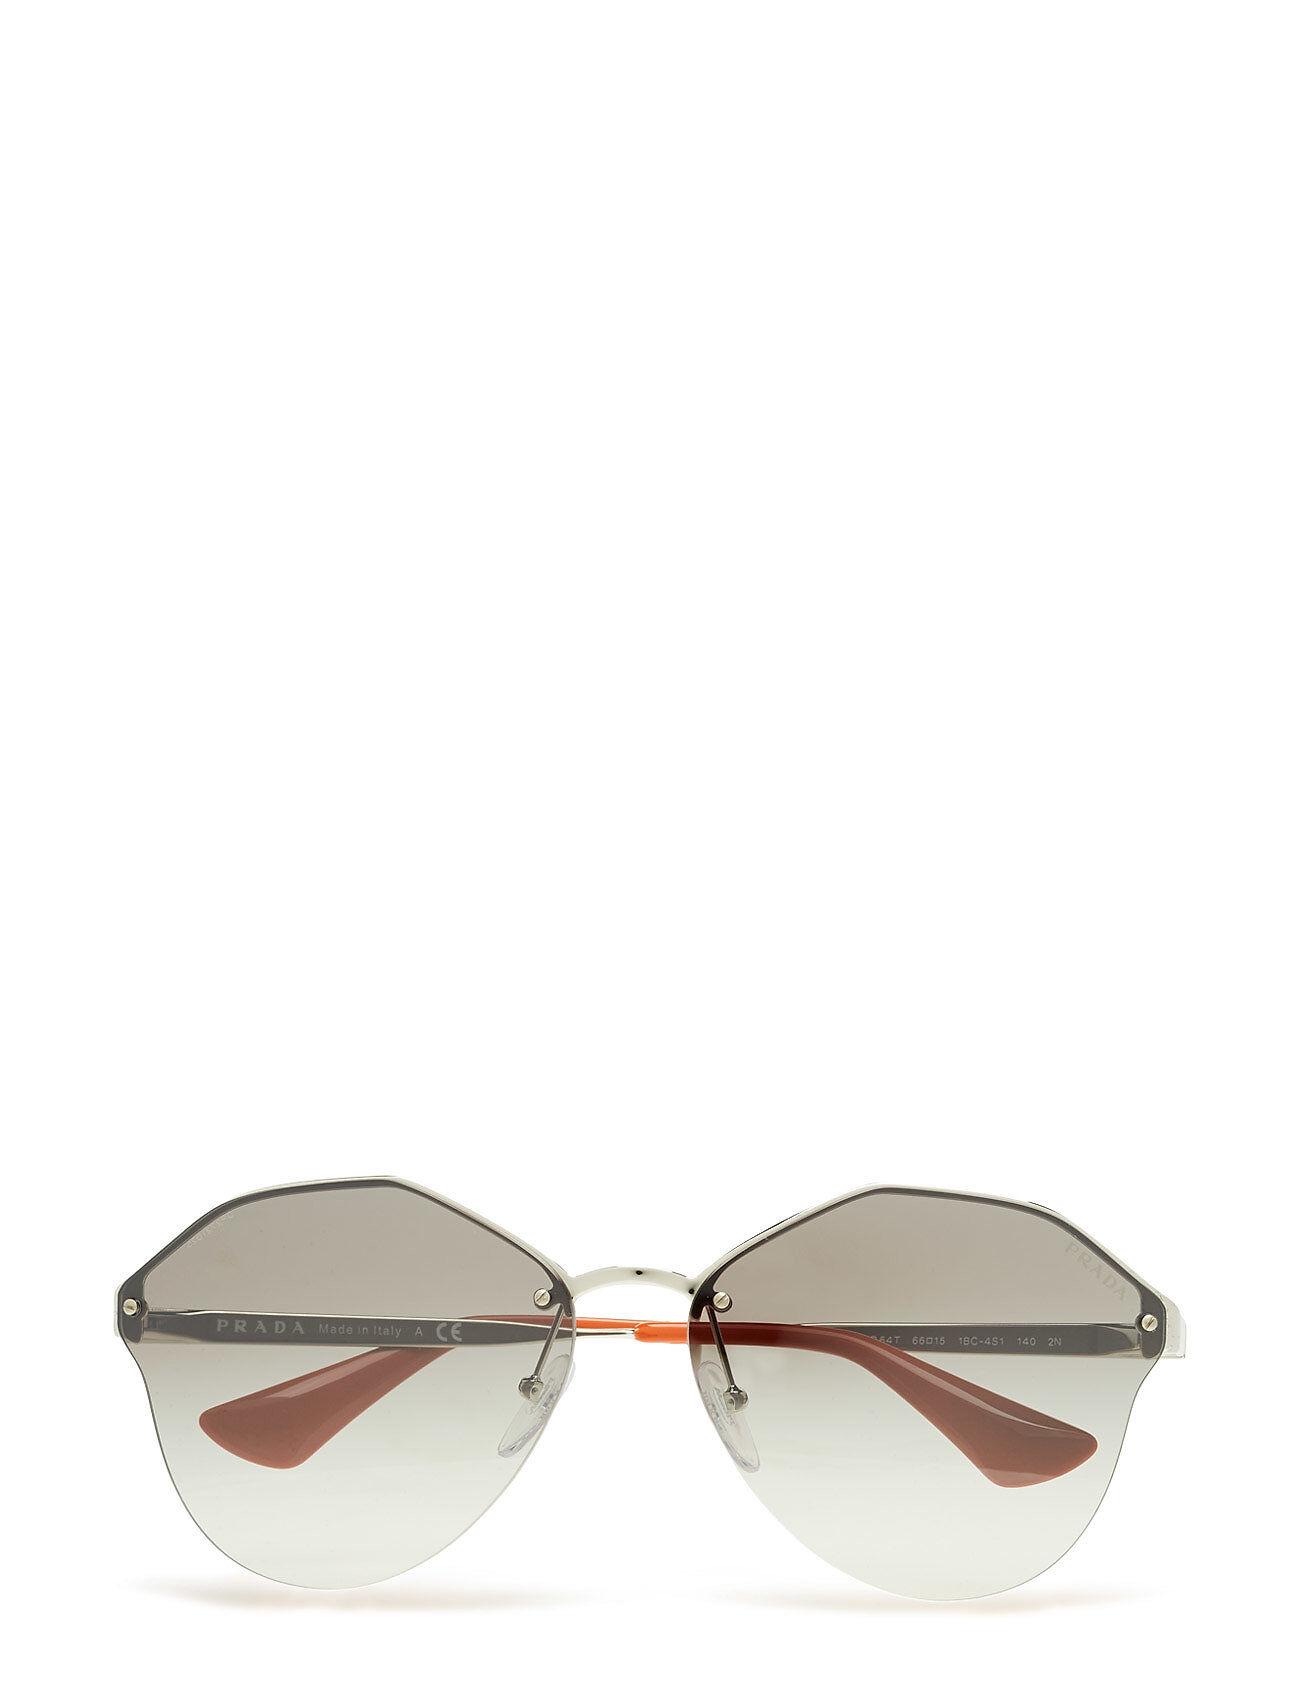 Image of Prada Sunglasses Not Defined Aurinkolasit Hopea